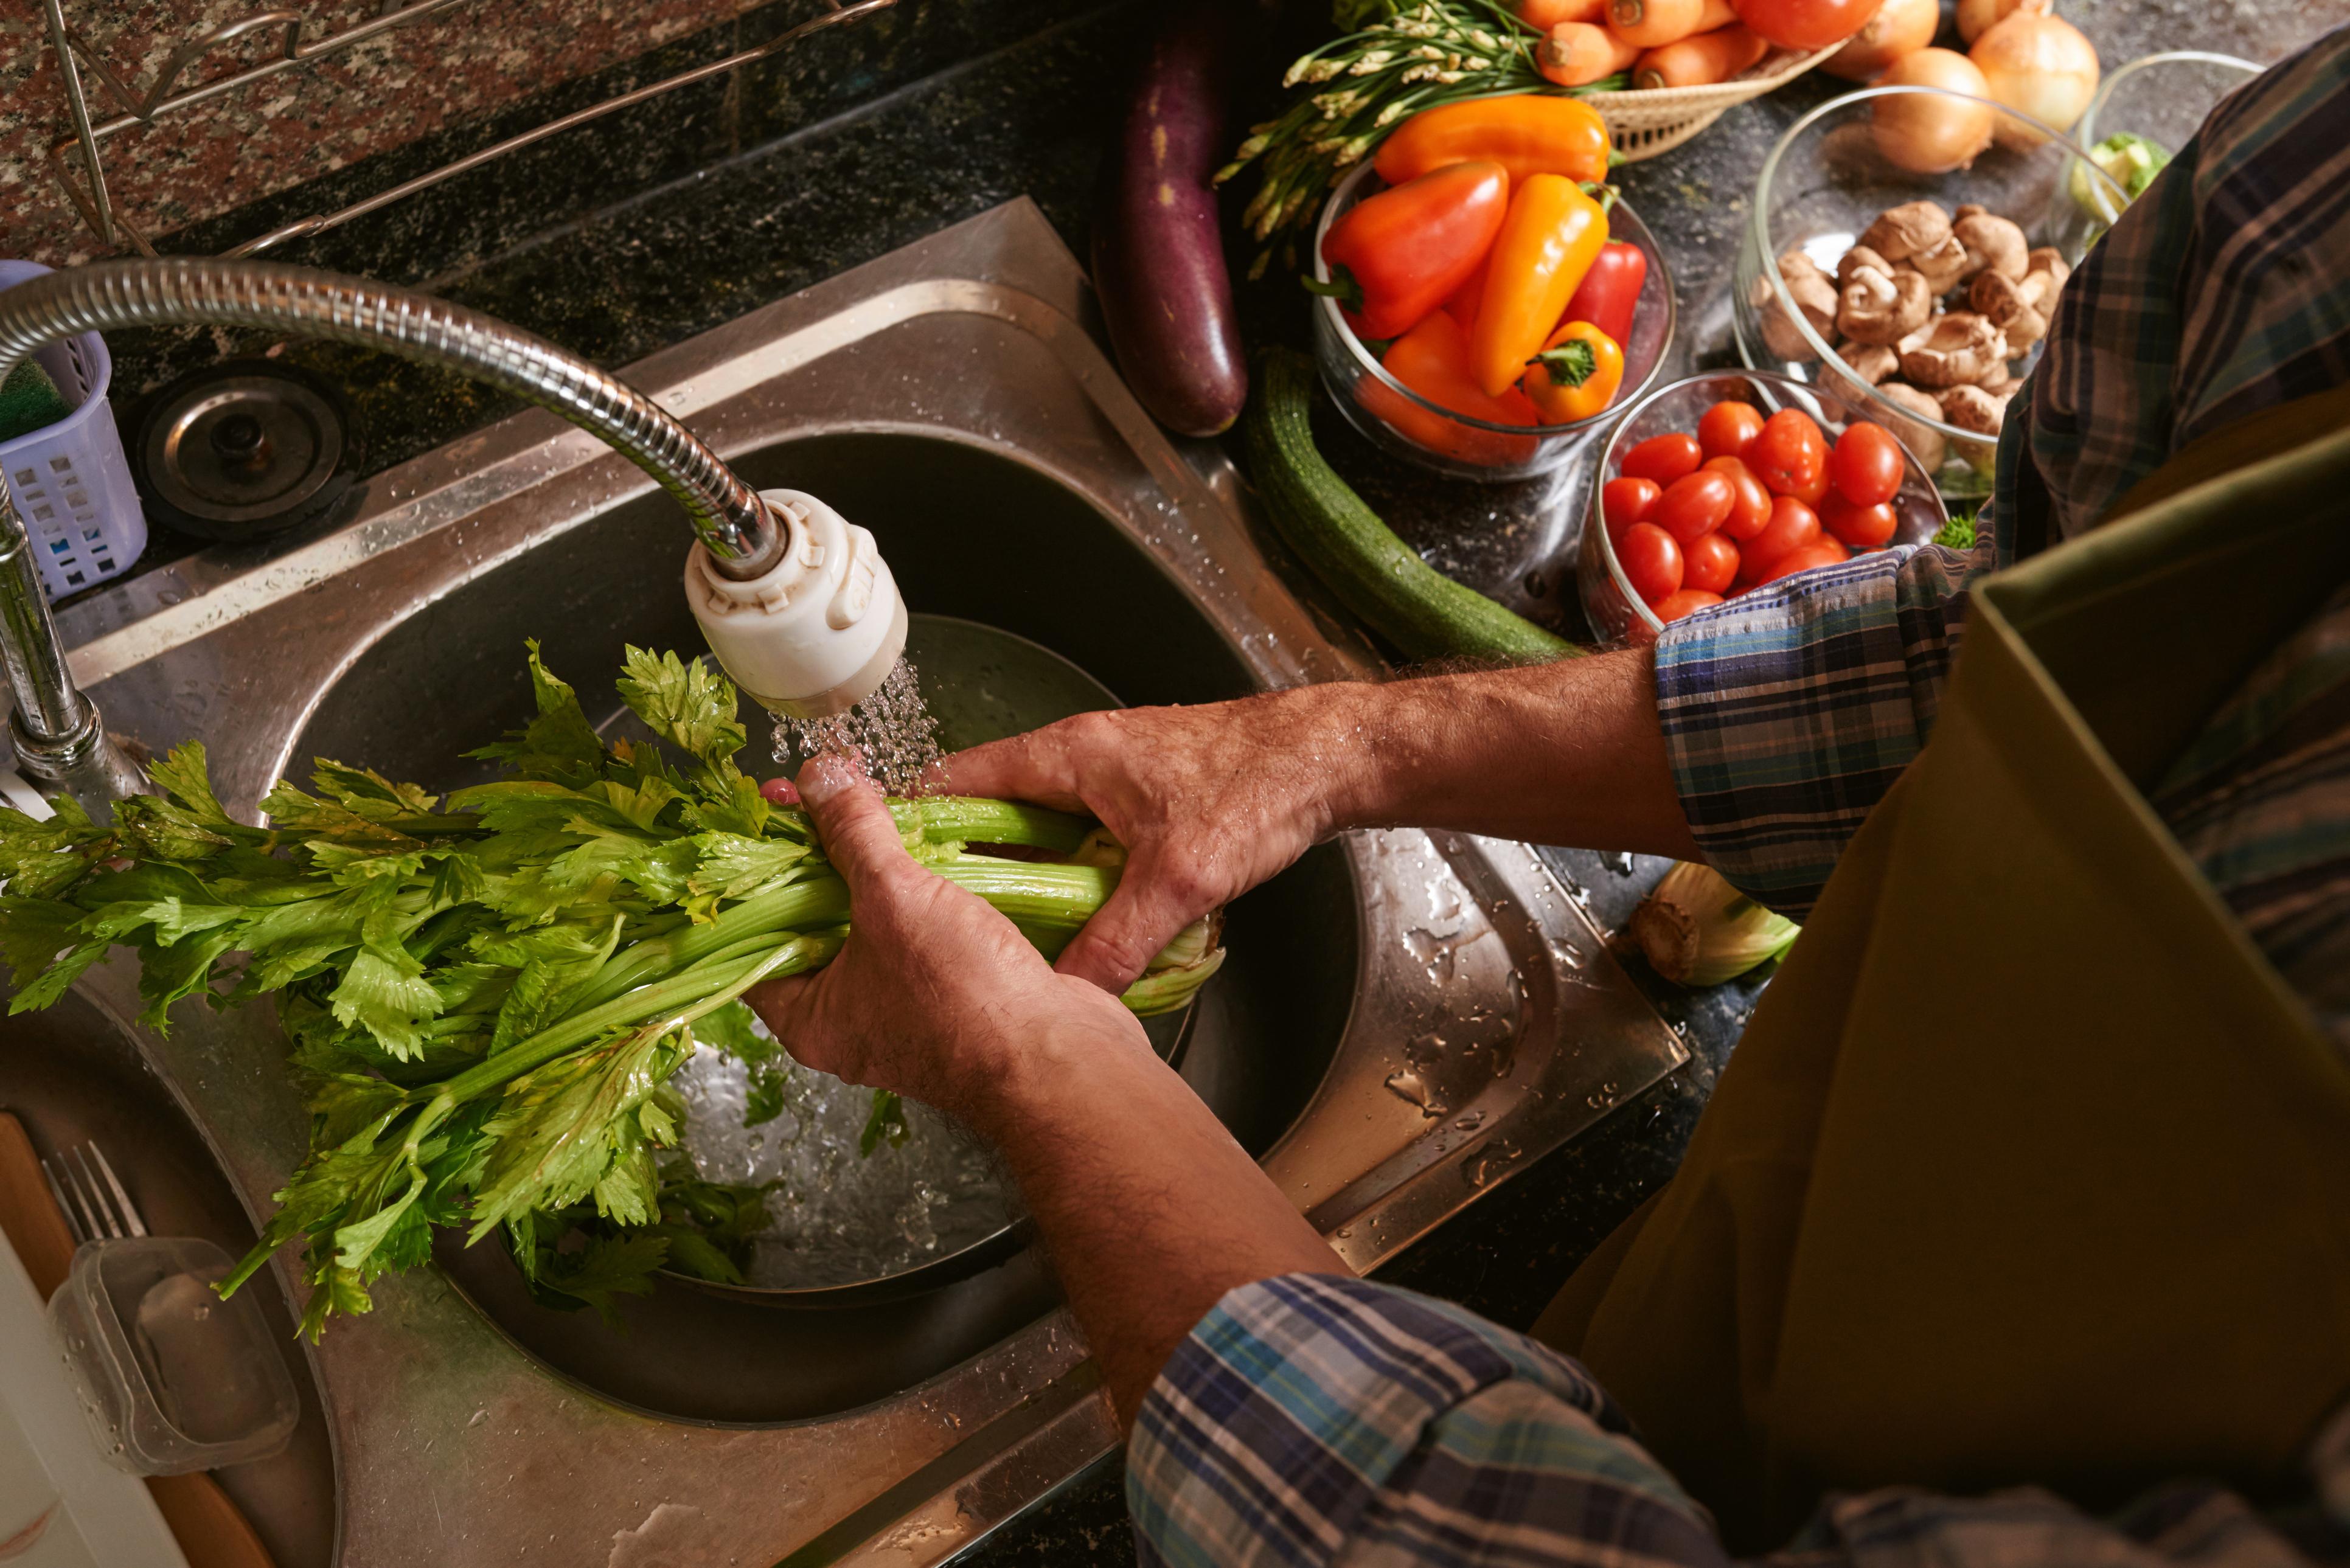 Os cuidados com a alimentação vão muito além das escolhas. O processo de higienização dos alimentos é uma etapa muito importante.